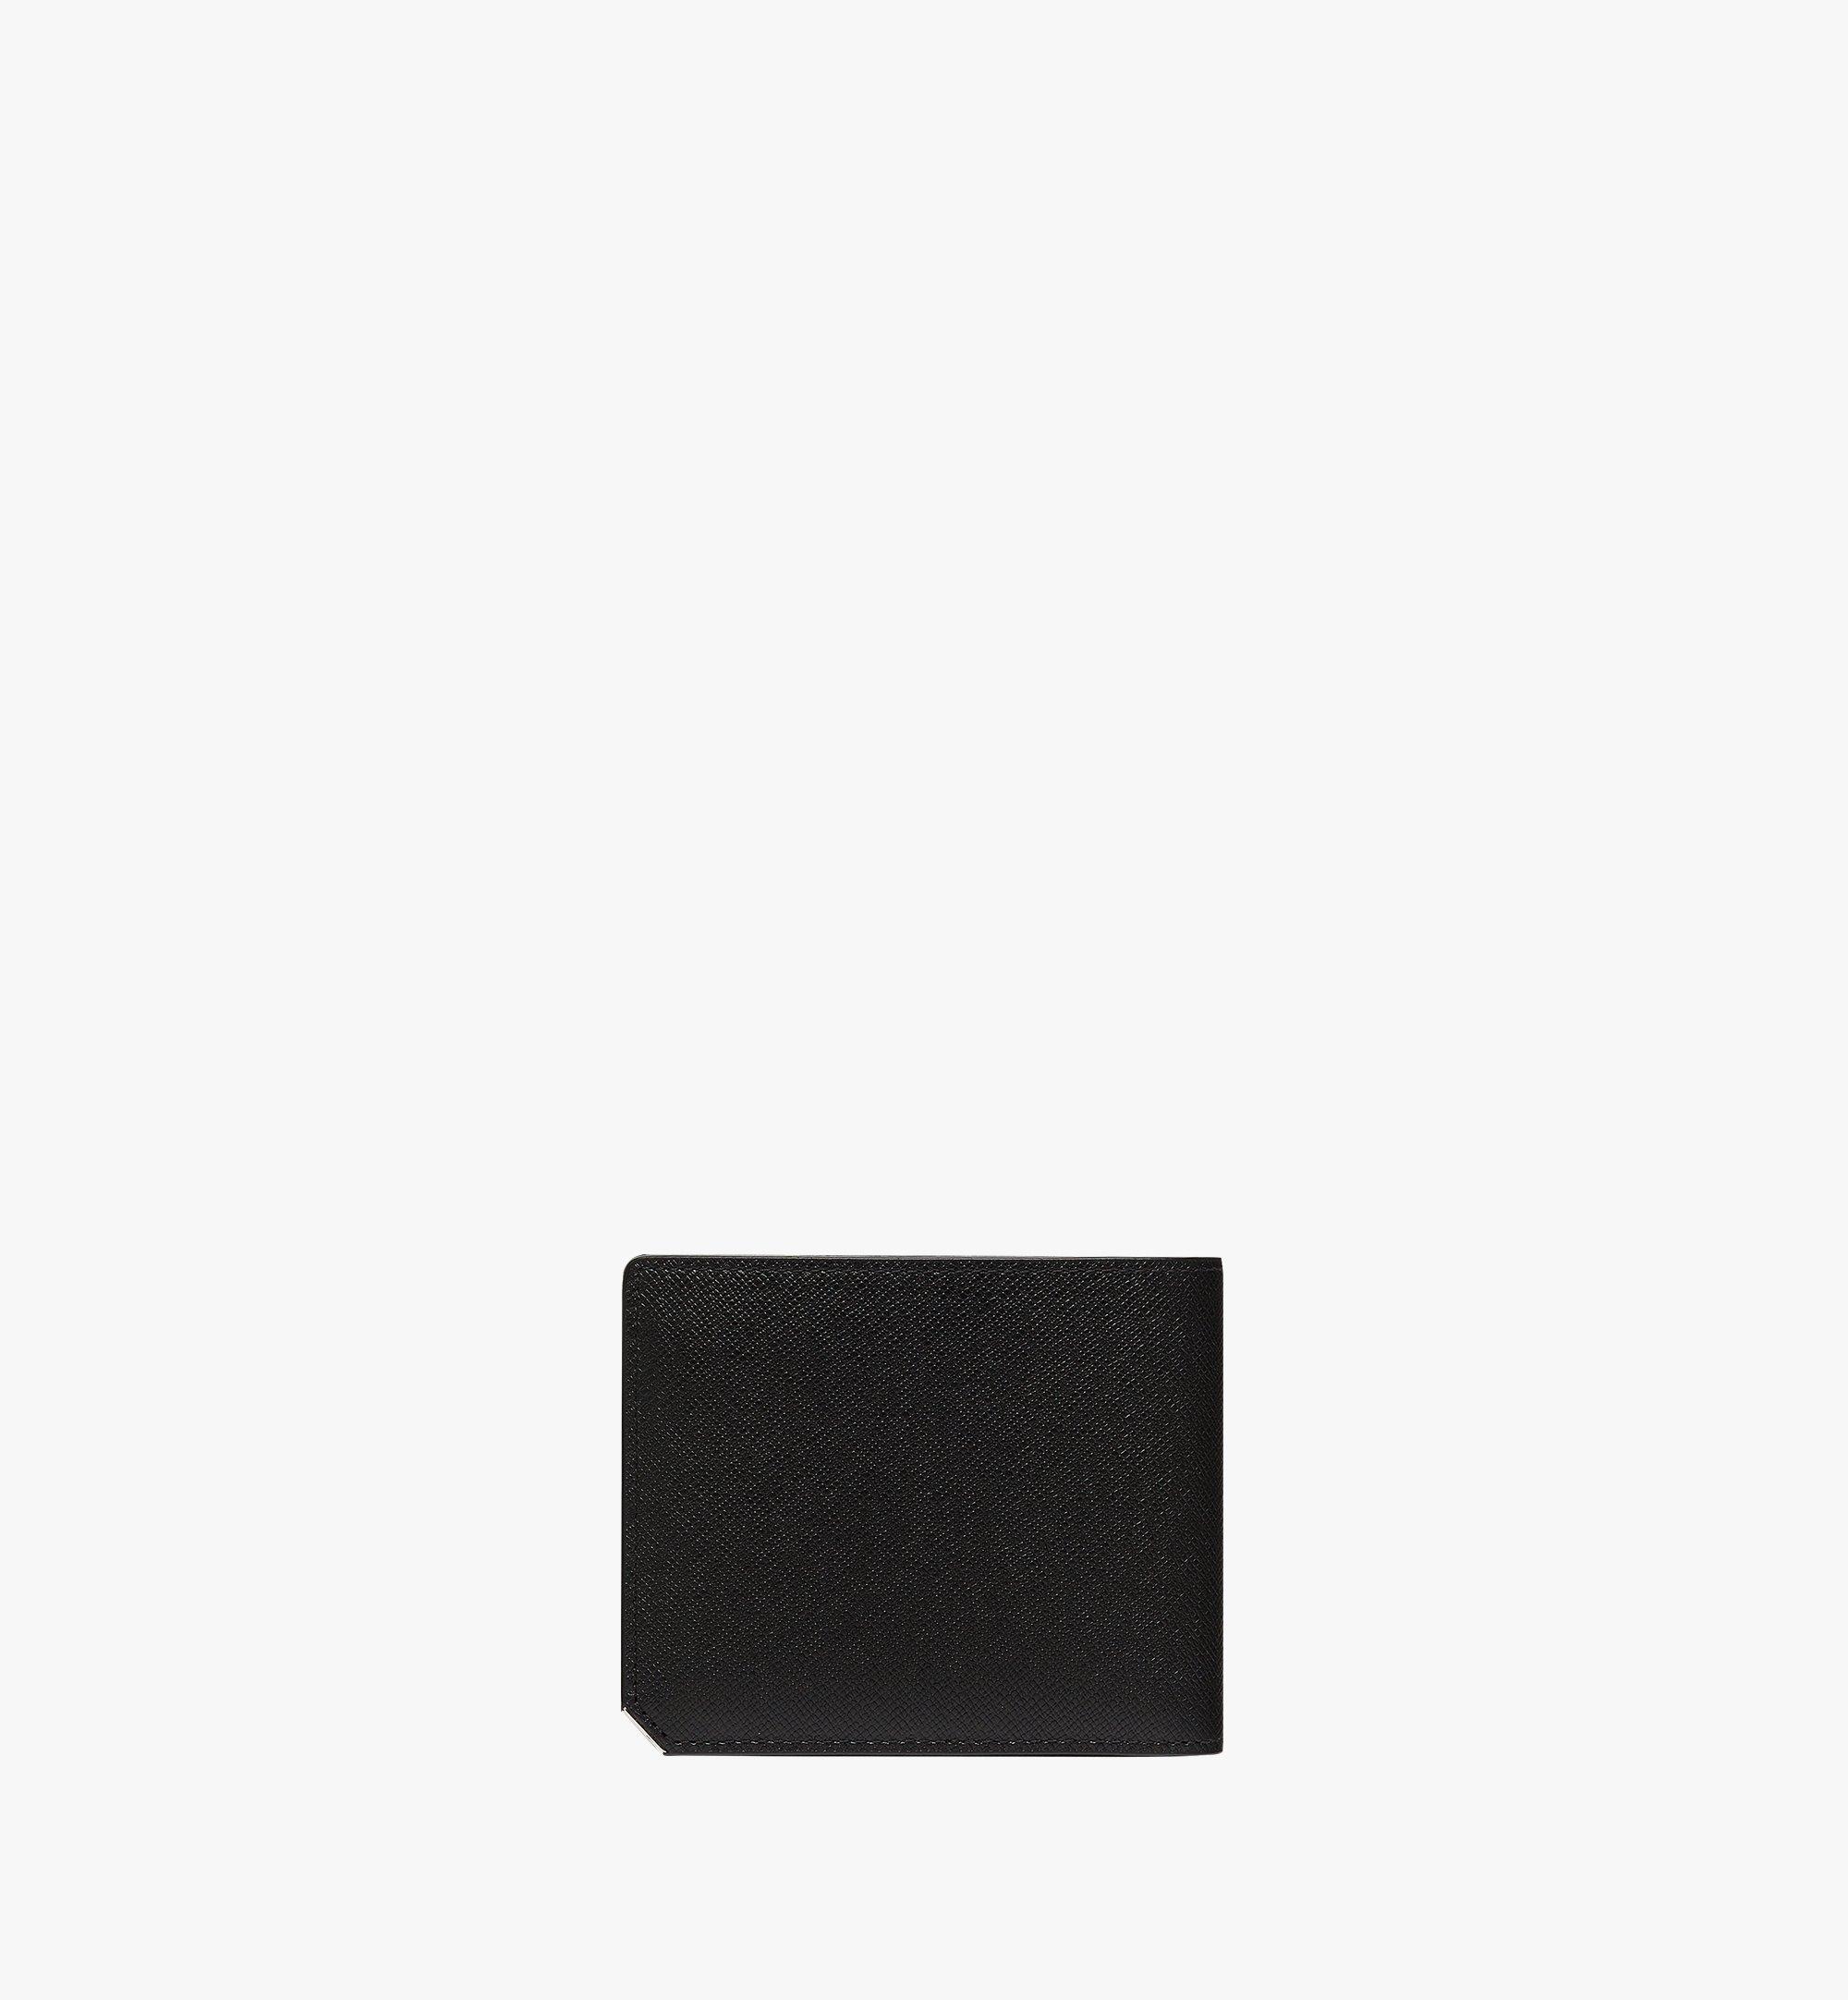 MCM New Bric 經典印花皮革兩折式錢包附卡夾 Black MXS8ALL42BK001 更多視圖 2